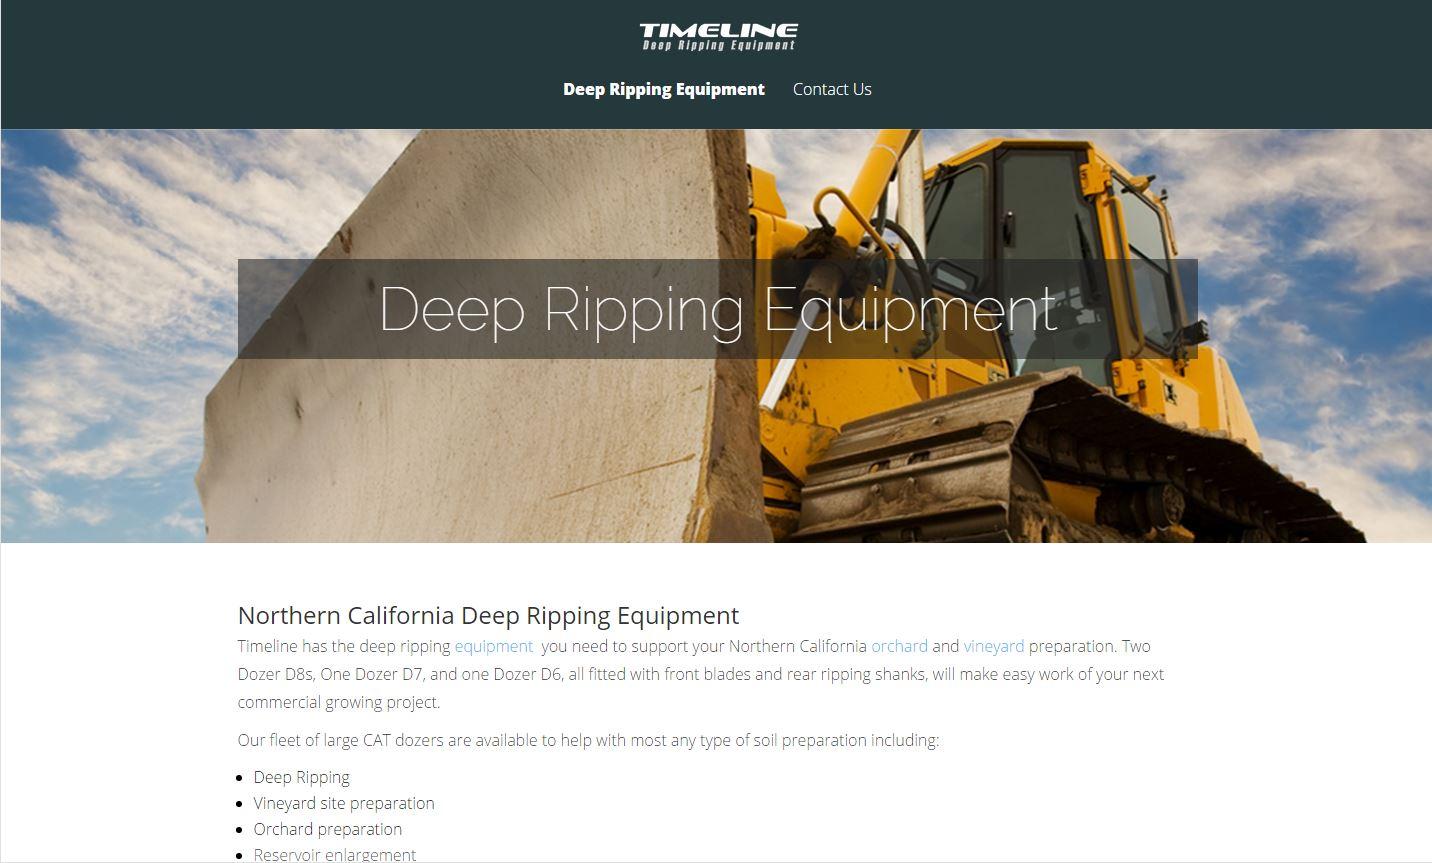 Screenshot of DeepRipping.com